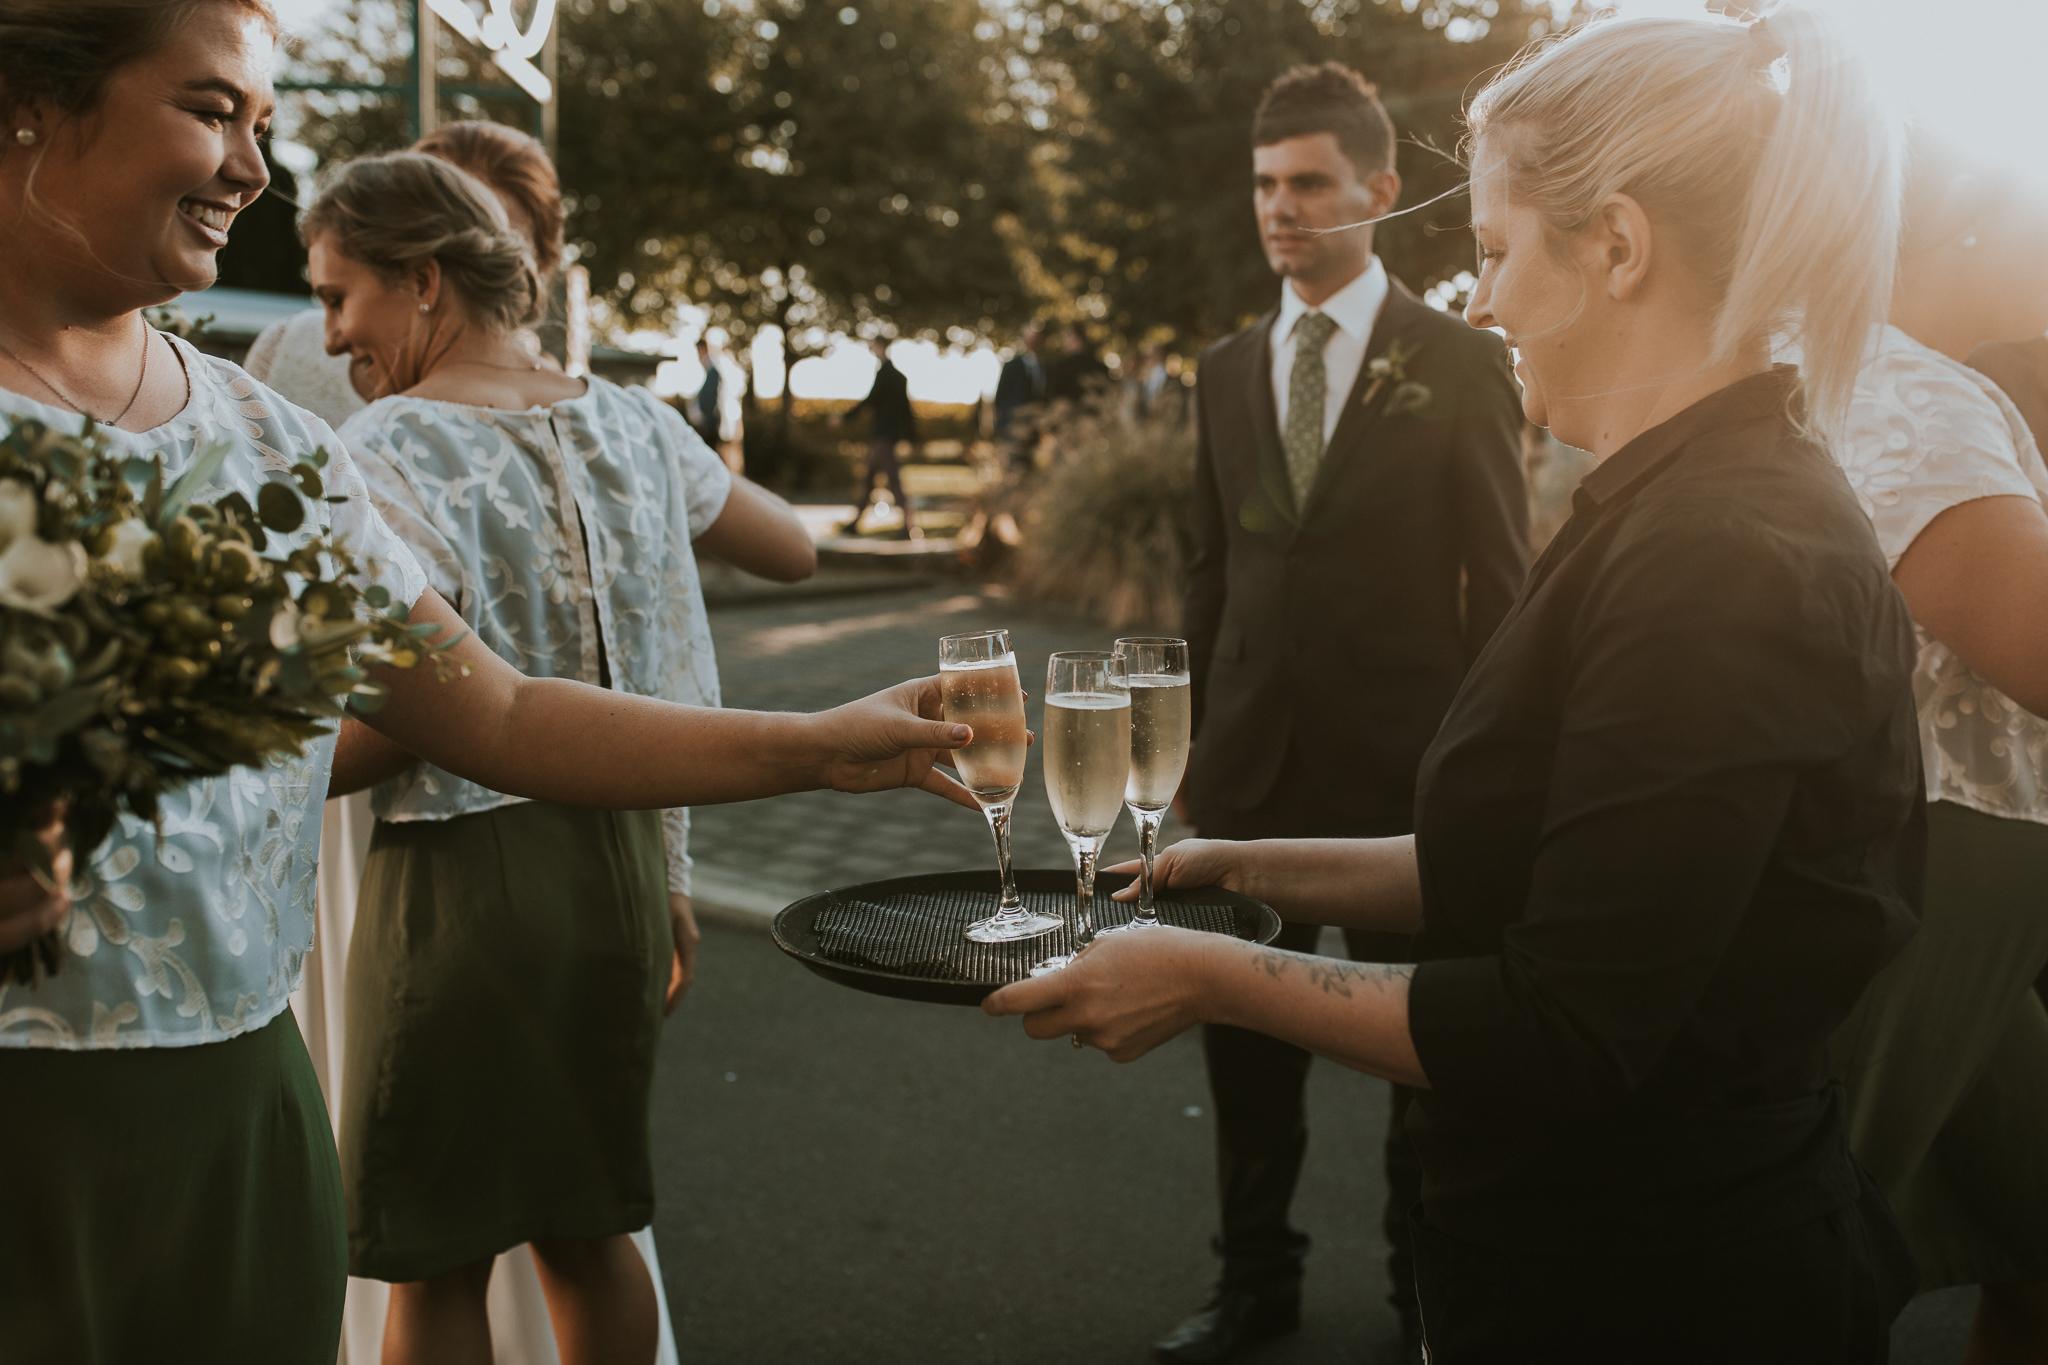 wedding photographer hawkes bay , Lisa Fisher Photography, Selini Winery Wedding -339.jpg